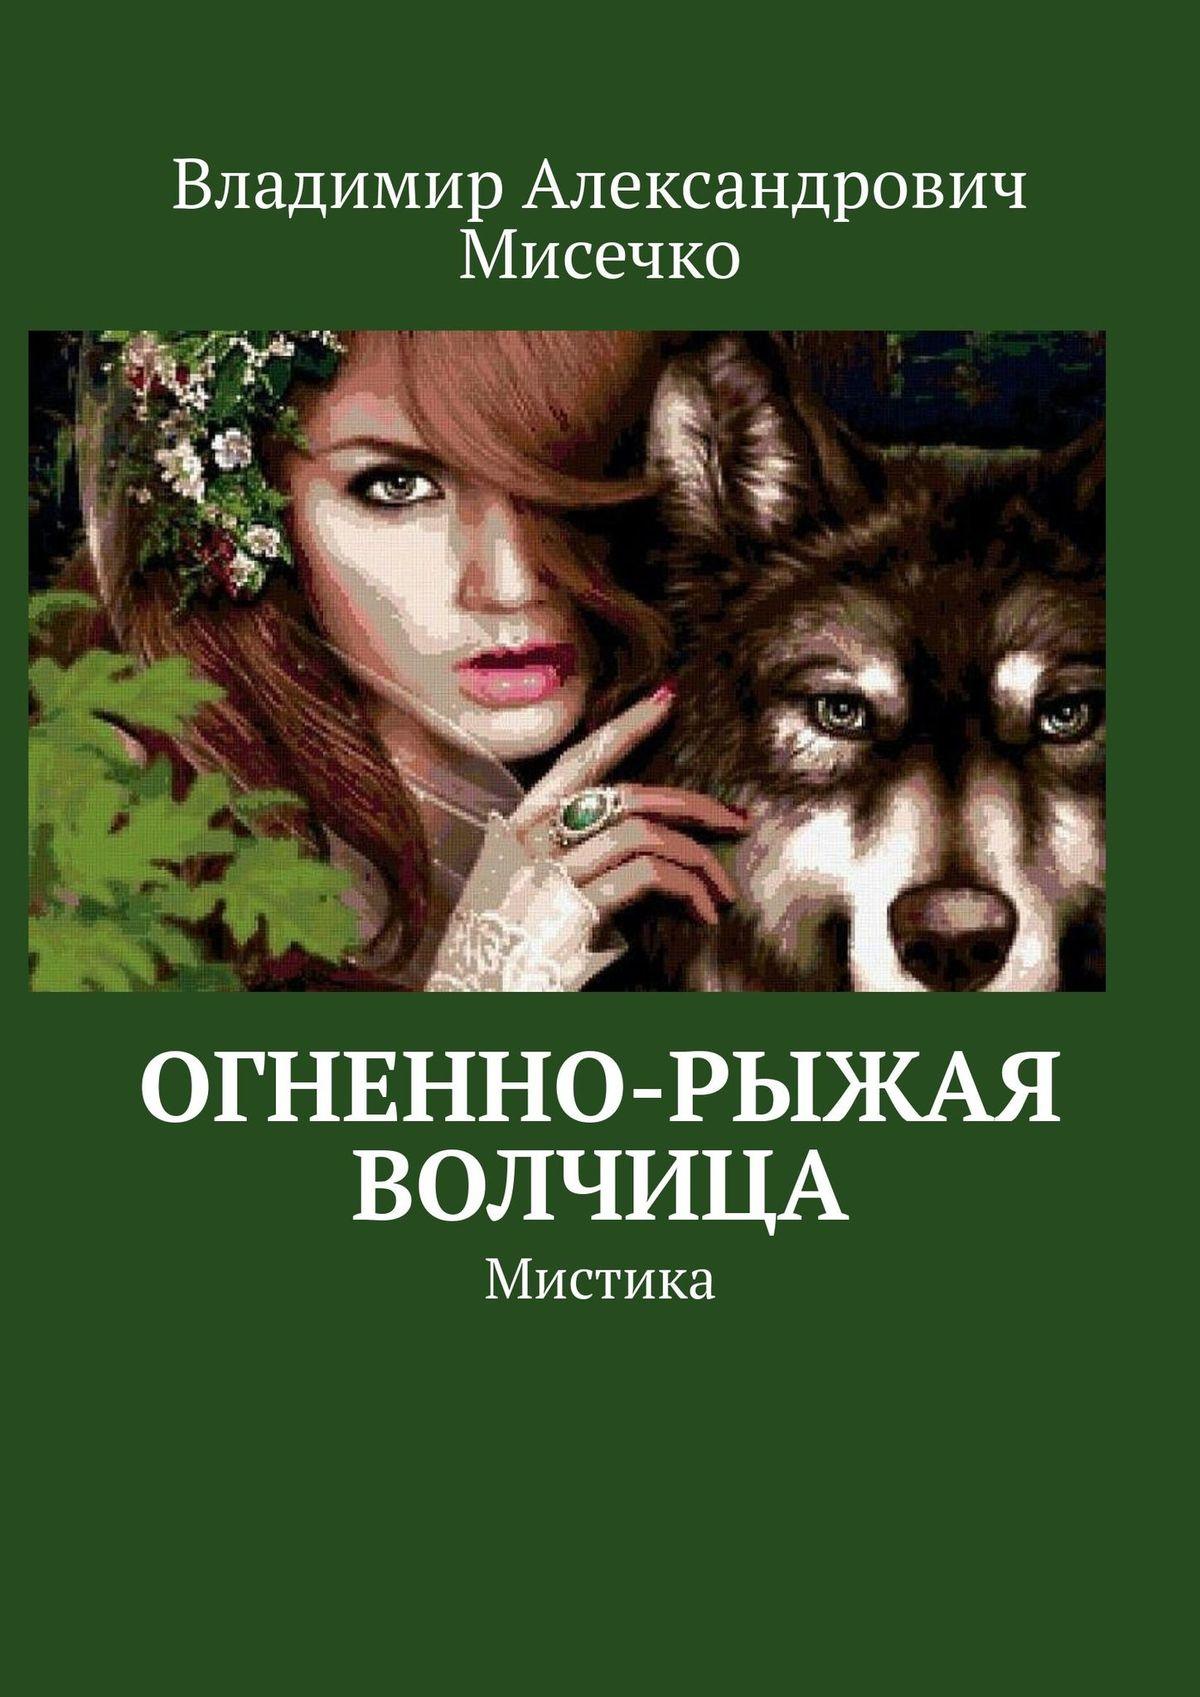 Огненно-рыжая волчица. Мистика